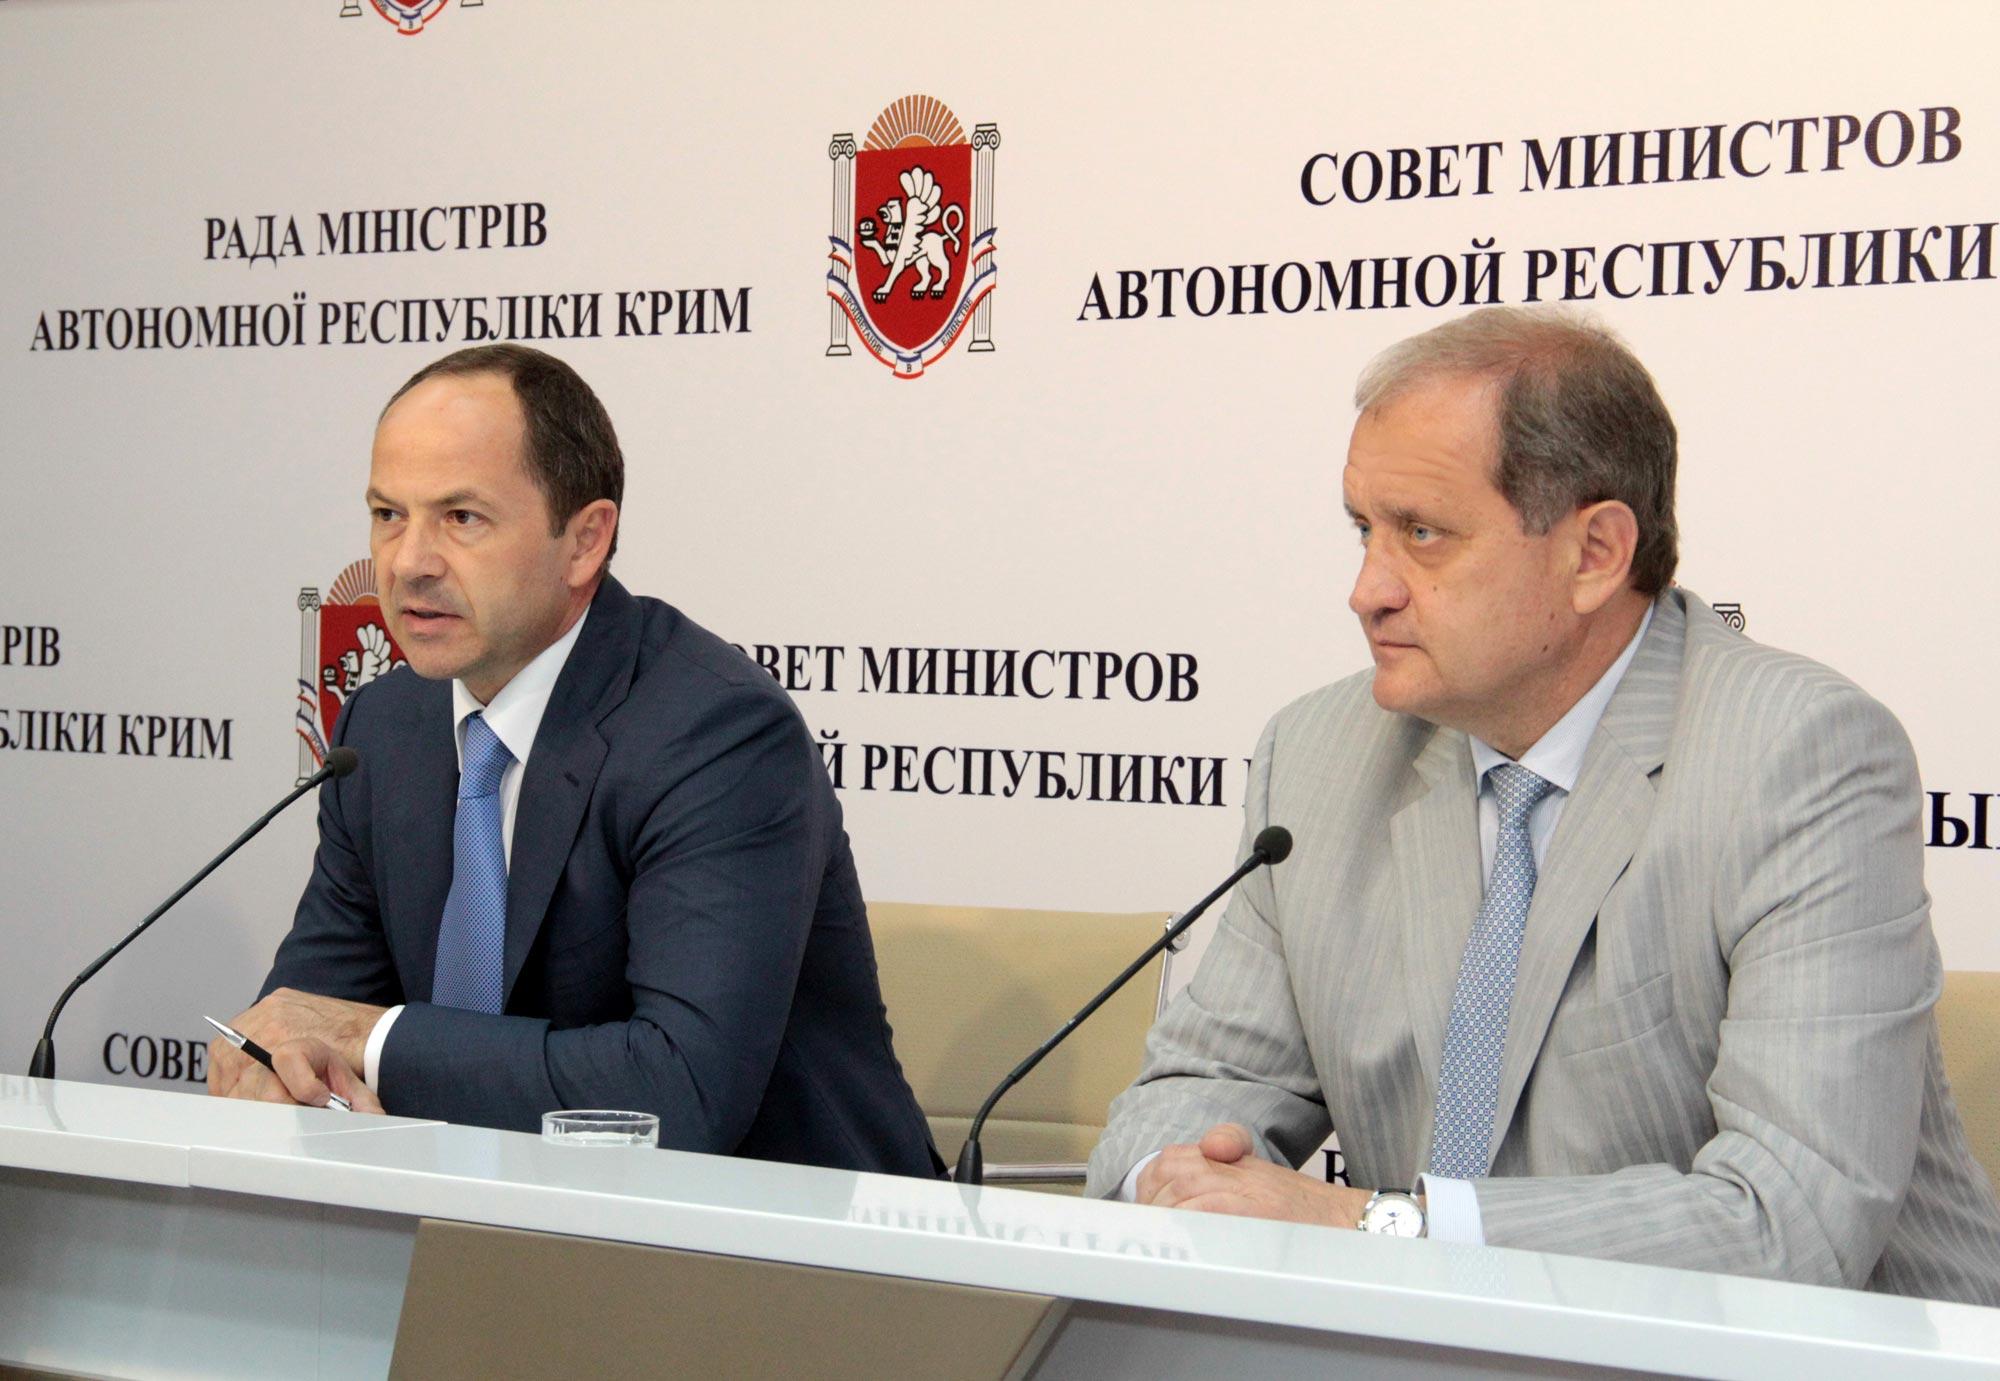 Сергей Тигипко (слева) и Анатолий Могилёв.